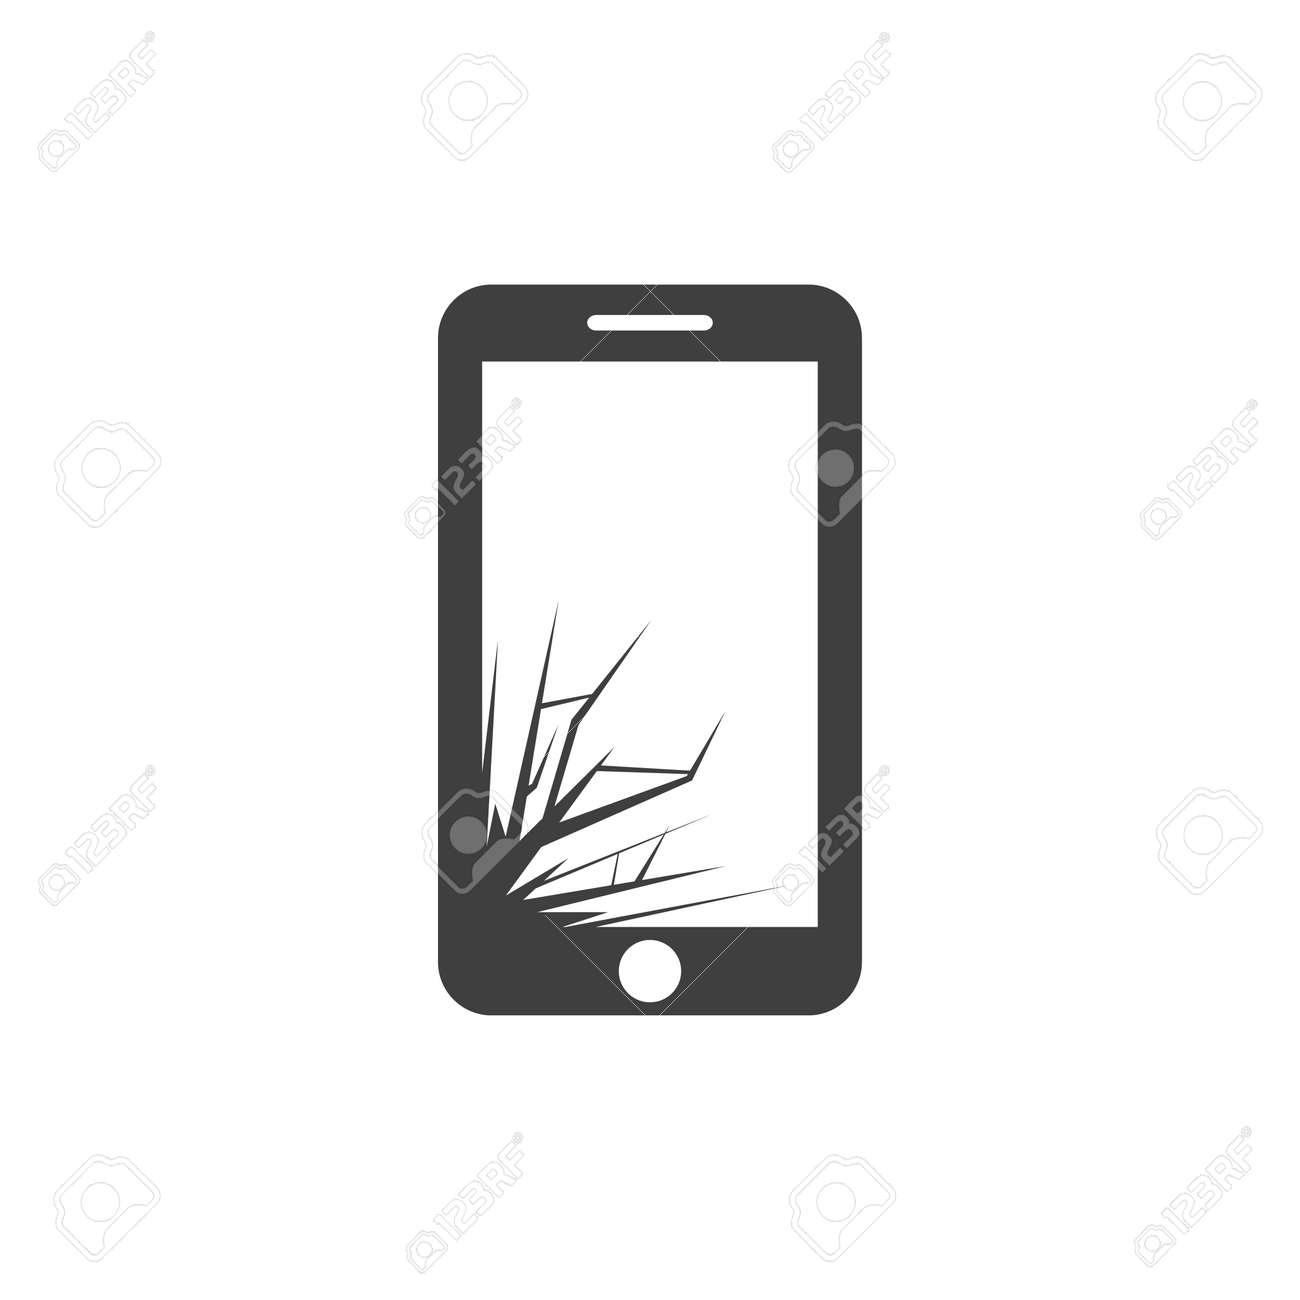 Vectro Icone Noire Casse Telephone A Ecran Sur Fond Blanc